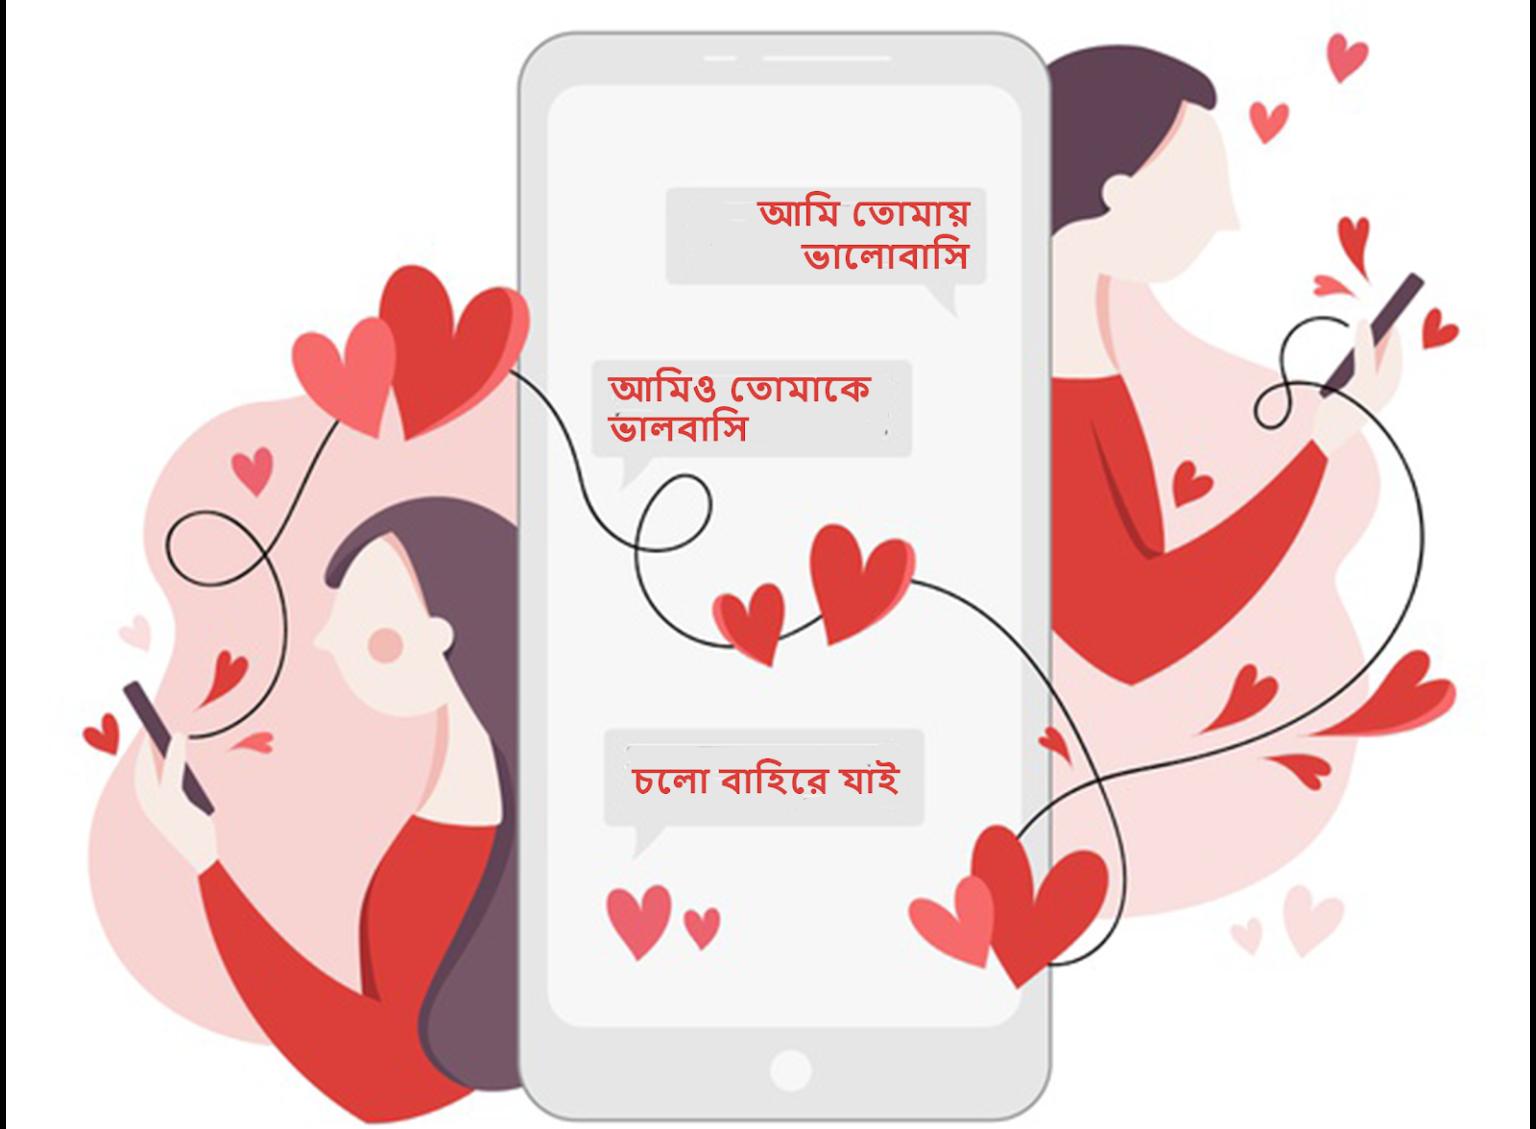 Download Bengali Keyboard app